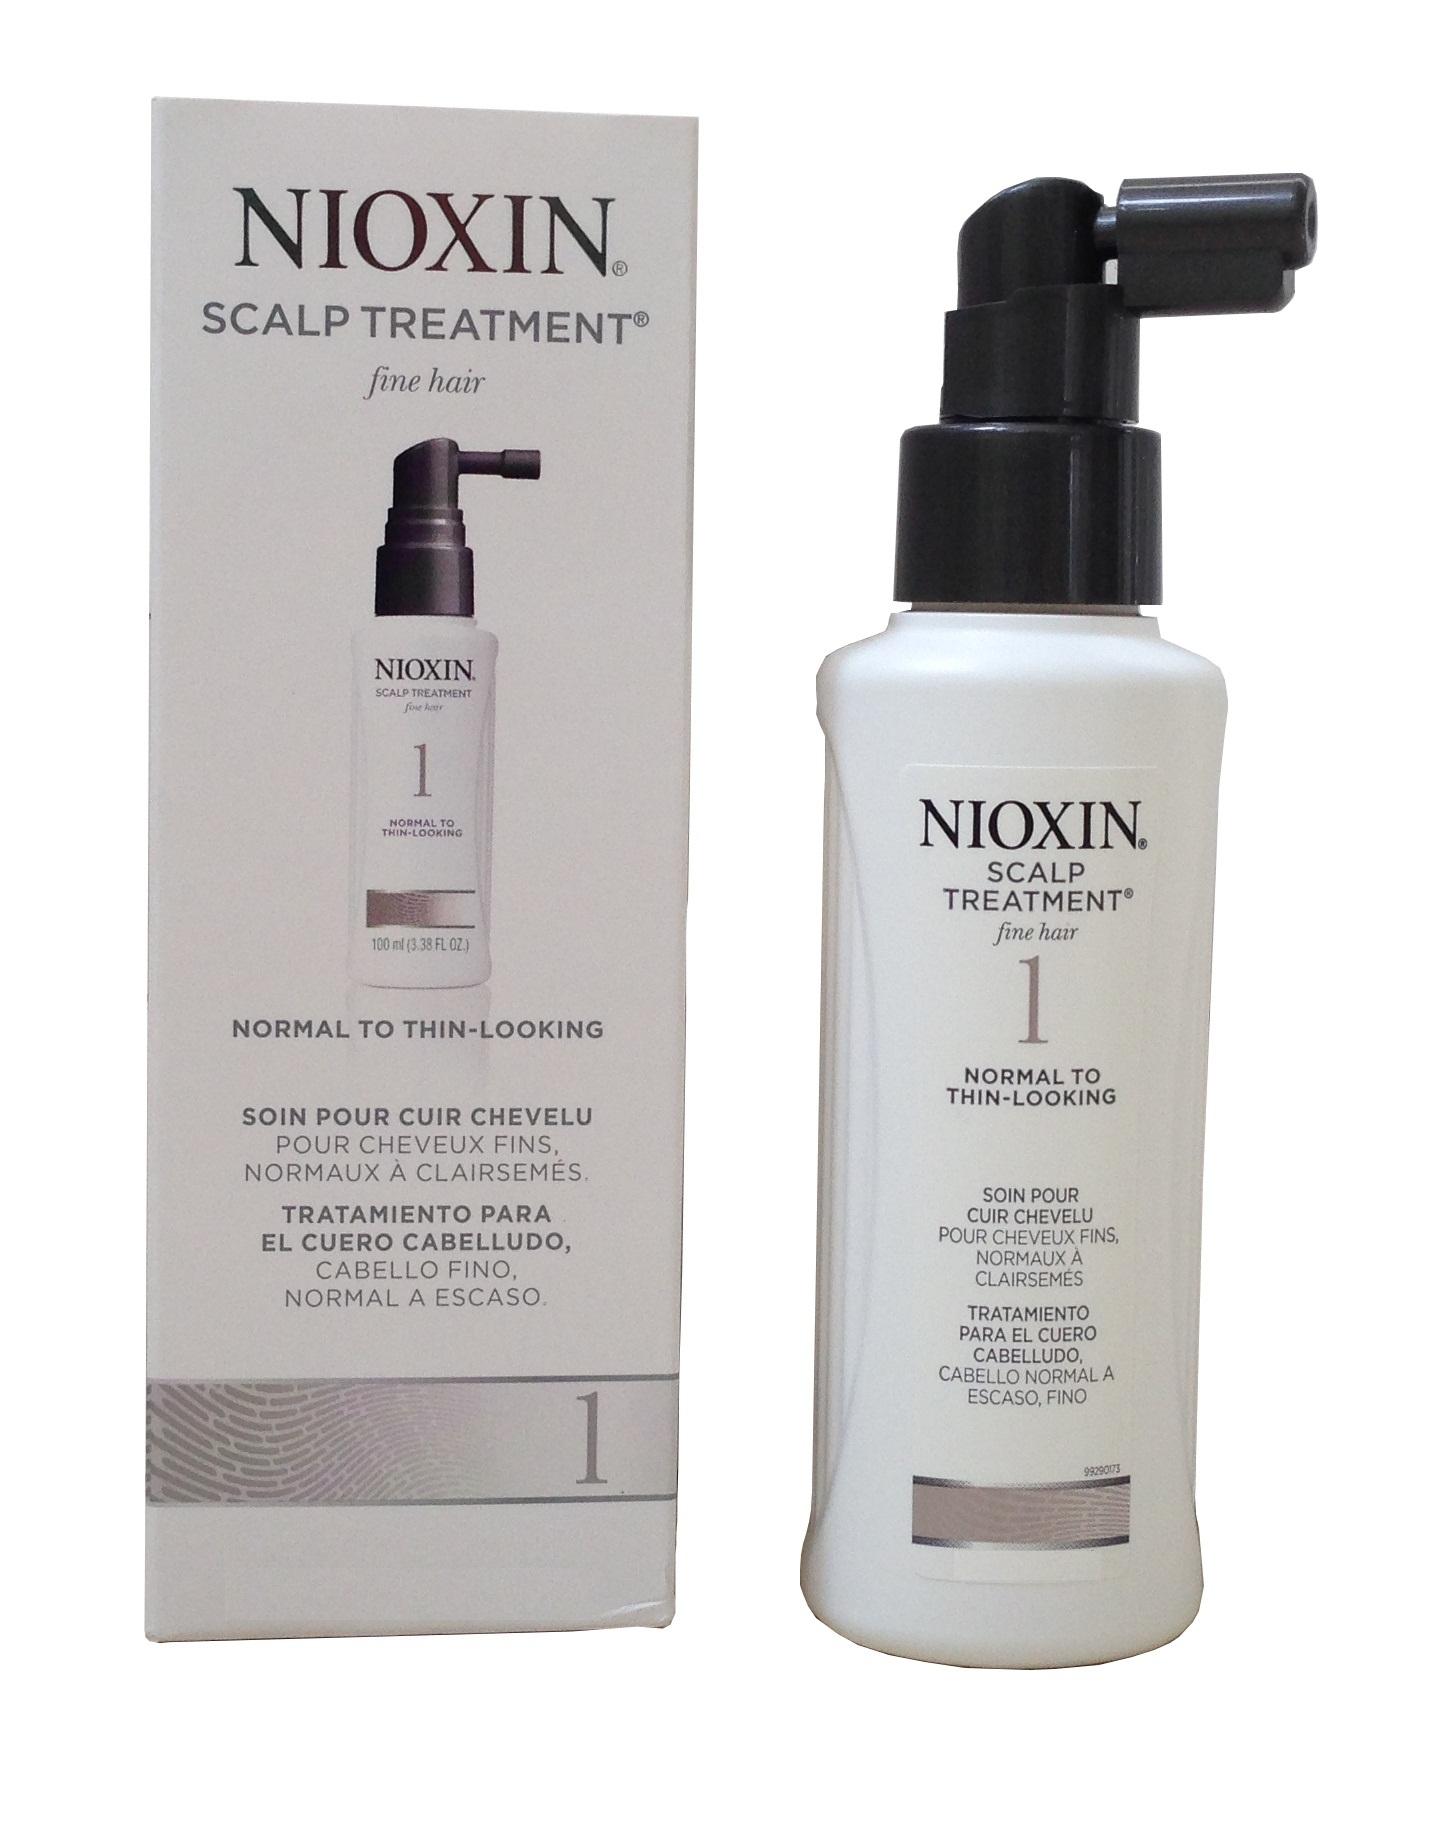 Nioxin Scalp Treatment System 1 - Питательная маска (Система 1) 200 млE1575900Нормальные тонкие волосы нуждаются в интенсивном и глубоком питании. Маска от Nioxin из Системы 1 нейтрализует вредные вещества, которые появляются при взаимодействии волос с окружающей средой. Средство содержит богатый питательный комплекс, который глубоко питает и увлажняет кожу головы и волосяной стержень, а также защищает волосы от ультрафиолета и во время стайлинга. Маска от Ниоксин кондиционирует волосы и облегчает расчесывание.После применения маски от Ниоксин волосы становятся мягче и приятнее на ощупь, они надежно защищены от негативного влияния внешней среды и блестят.